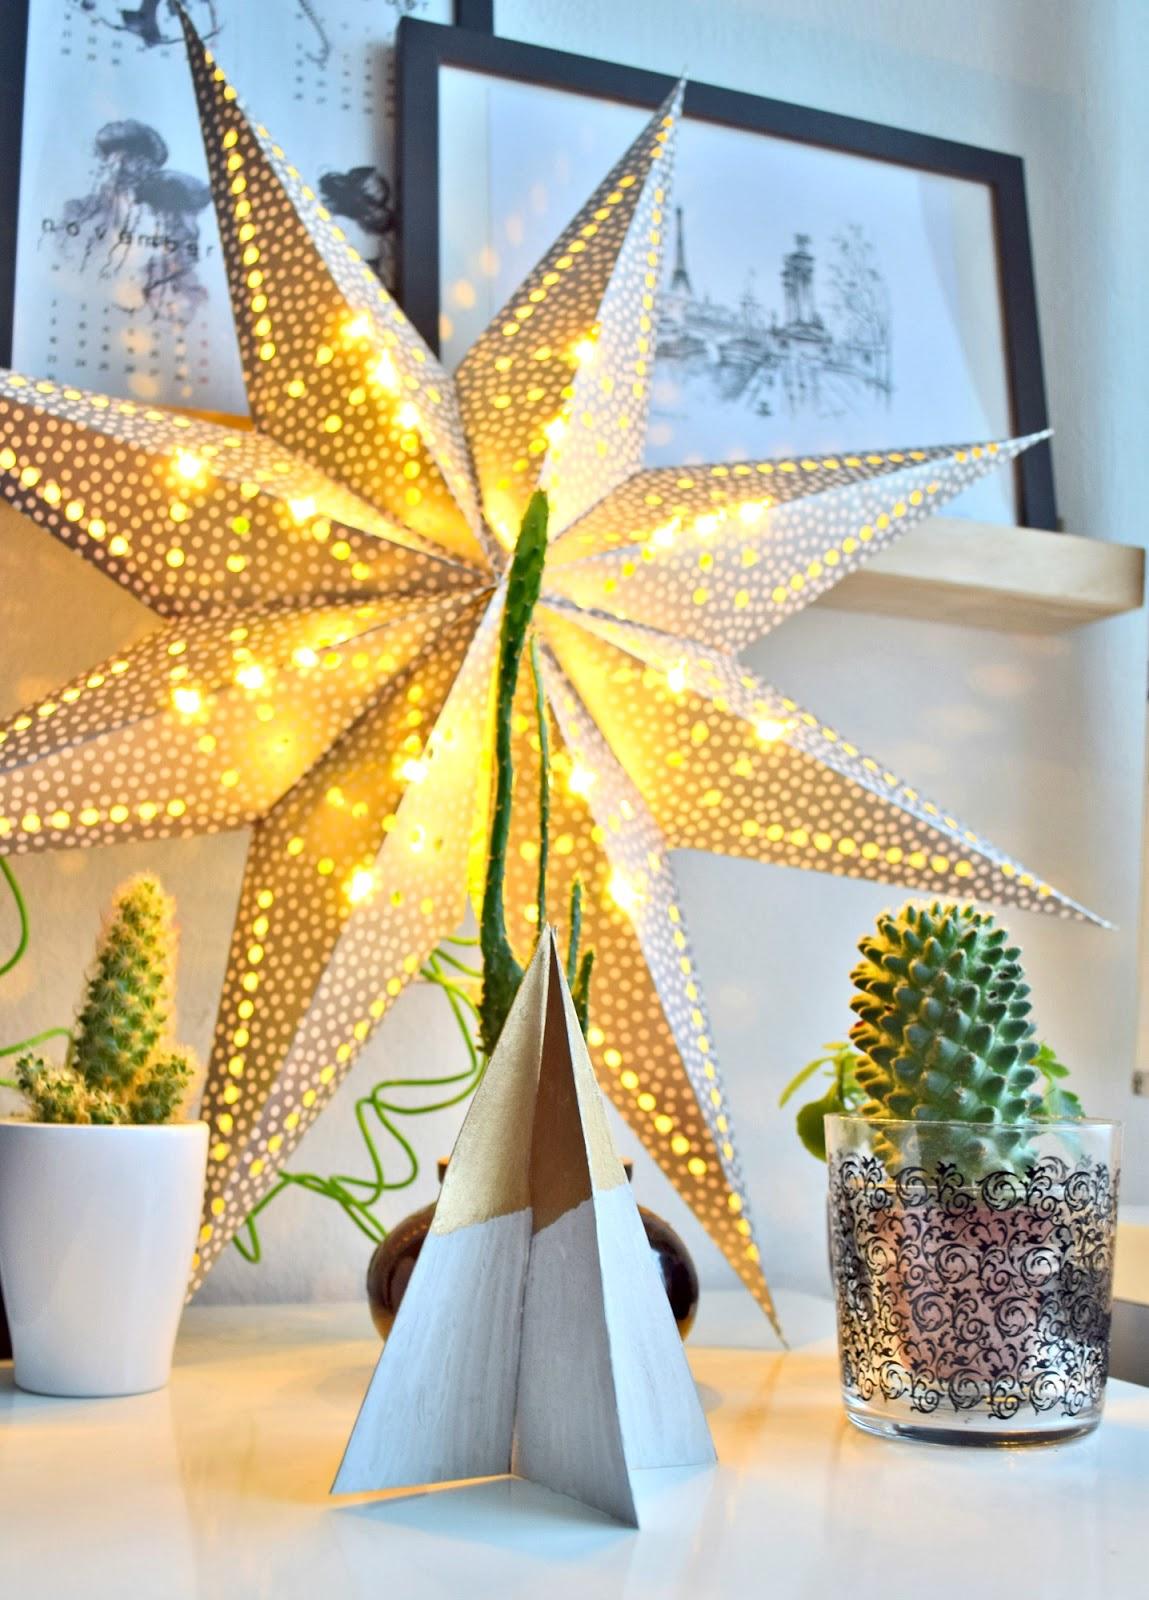 dekoracje na święta zrób to sam